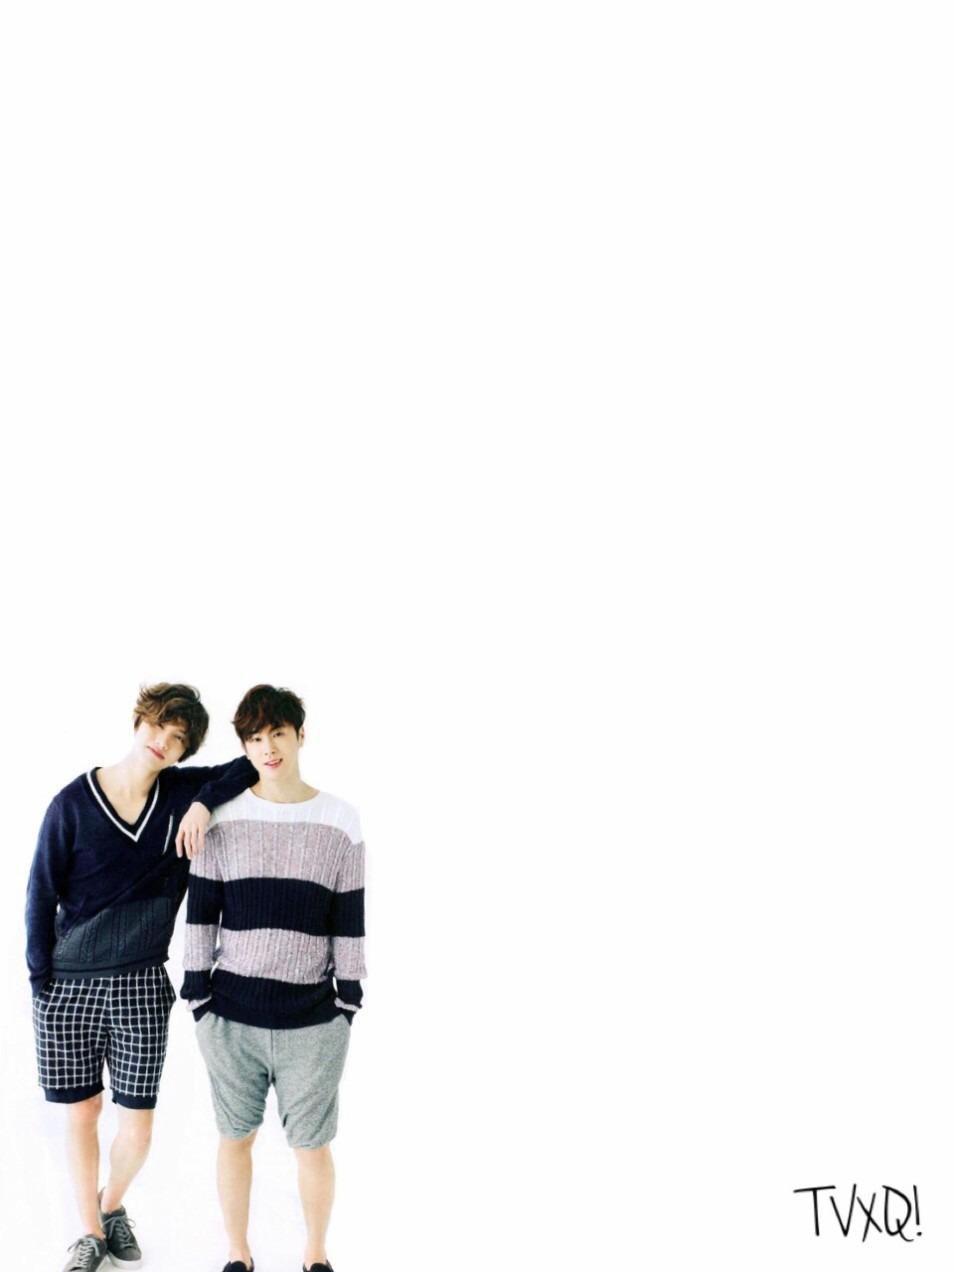 2人の肩を組んでいる高画質壁紙画像です。